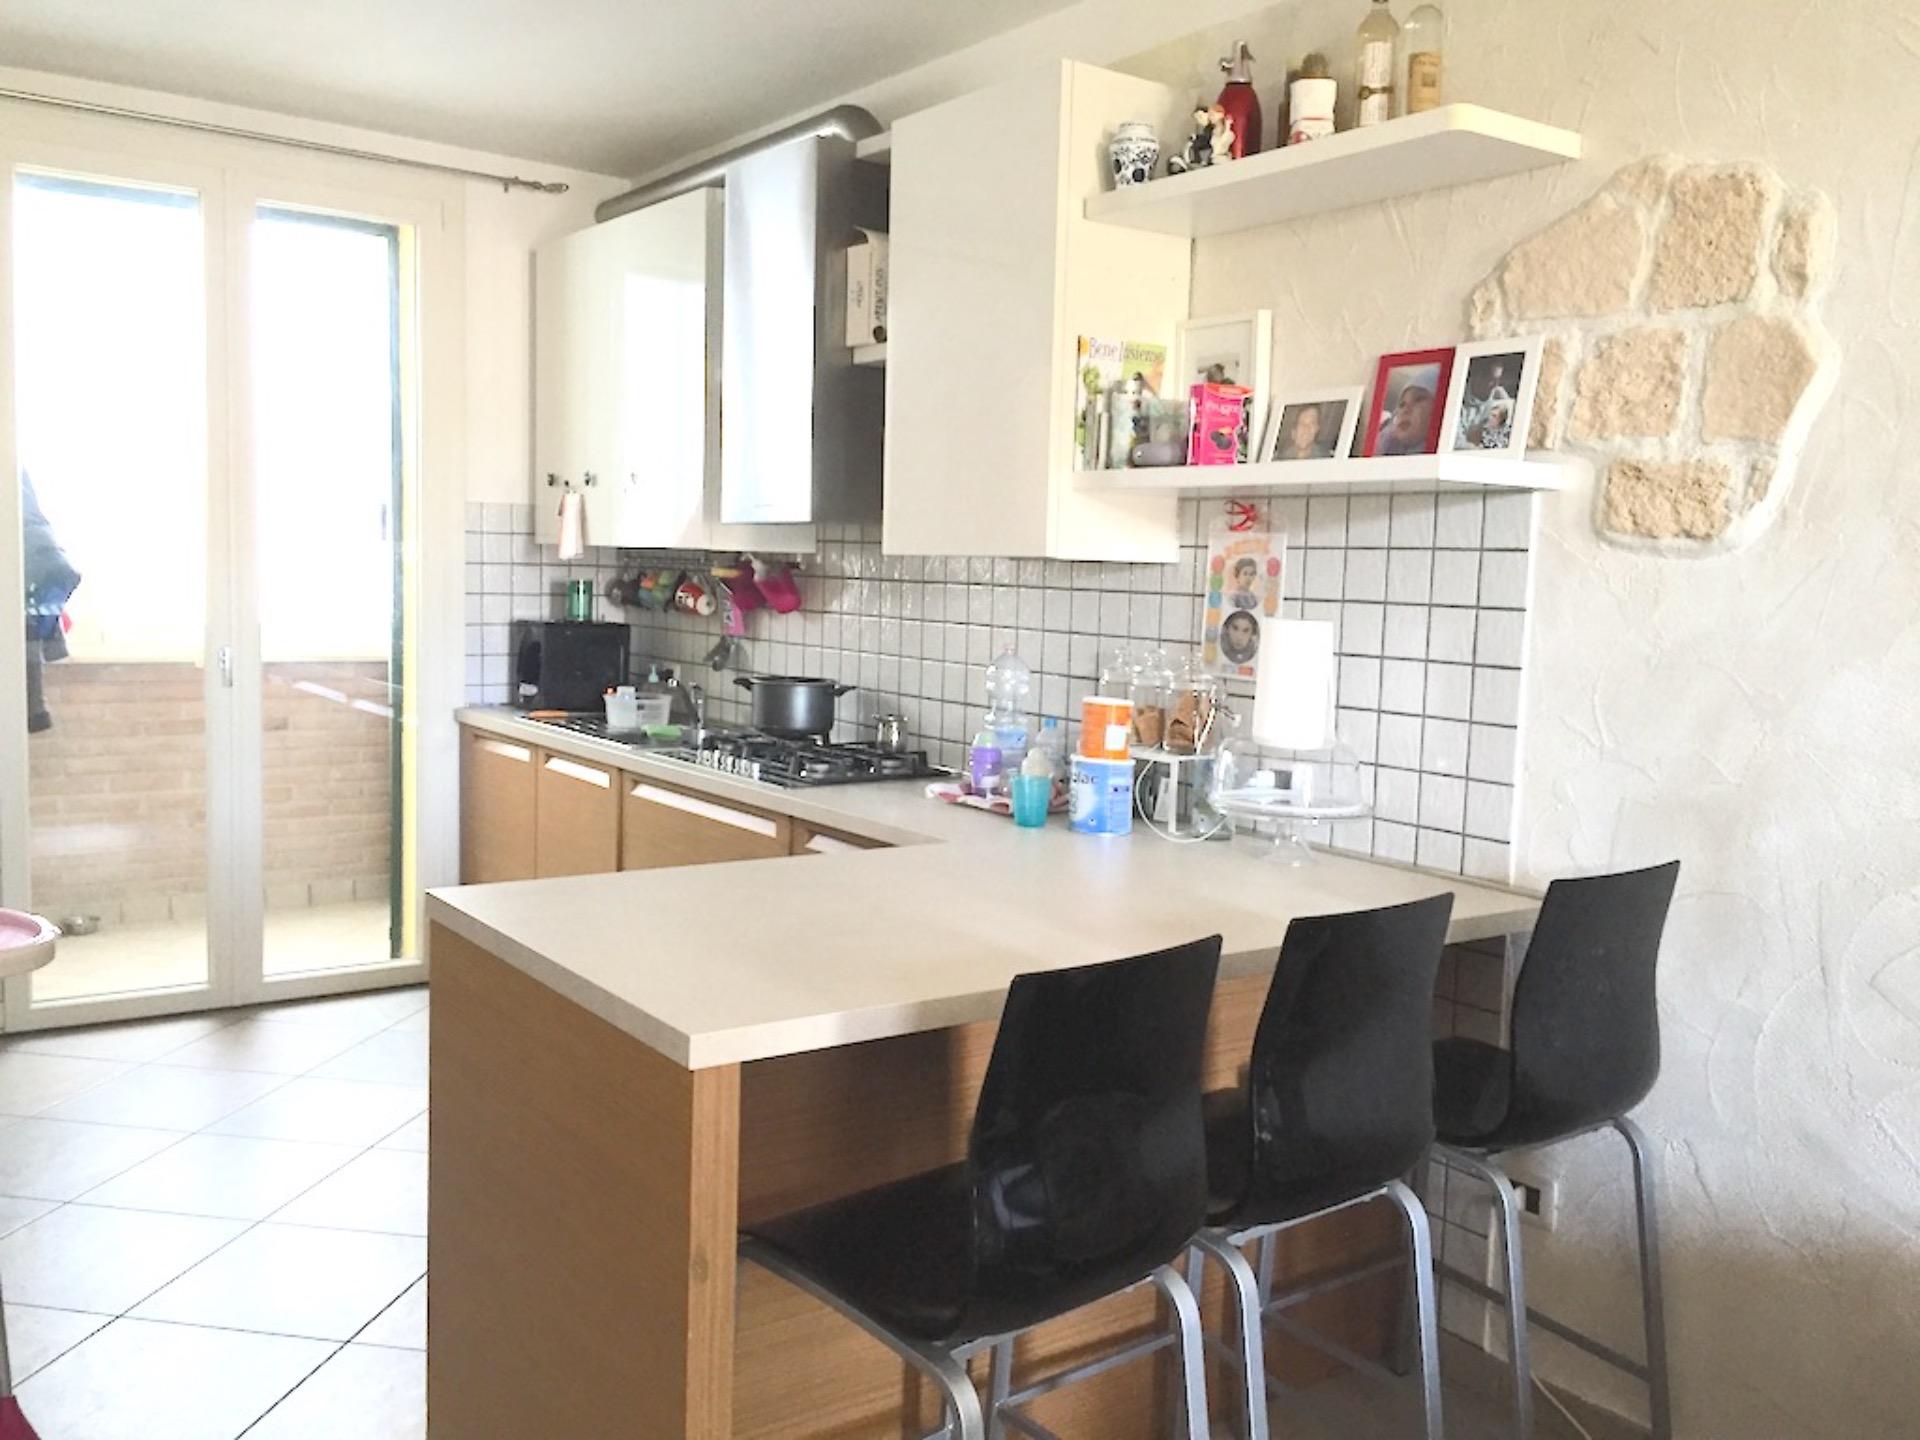 Appartamento indipendente vendiamo a pinarella di cervia in zona residenziale - Arredo bagno cervia ...